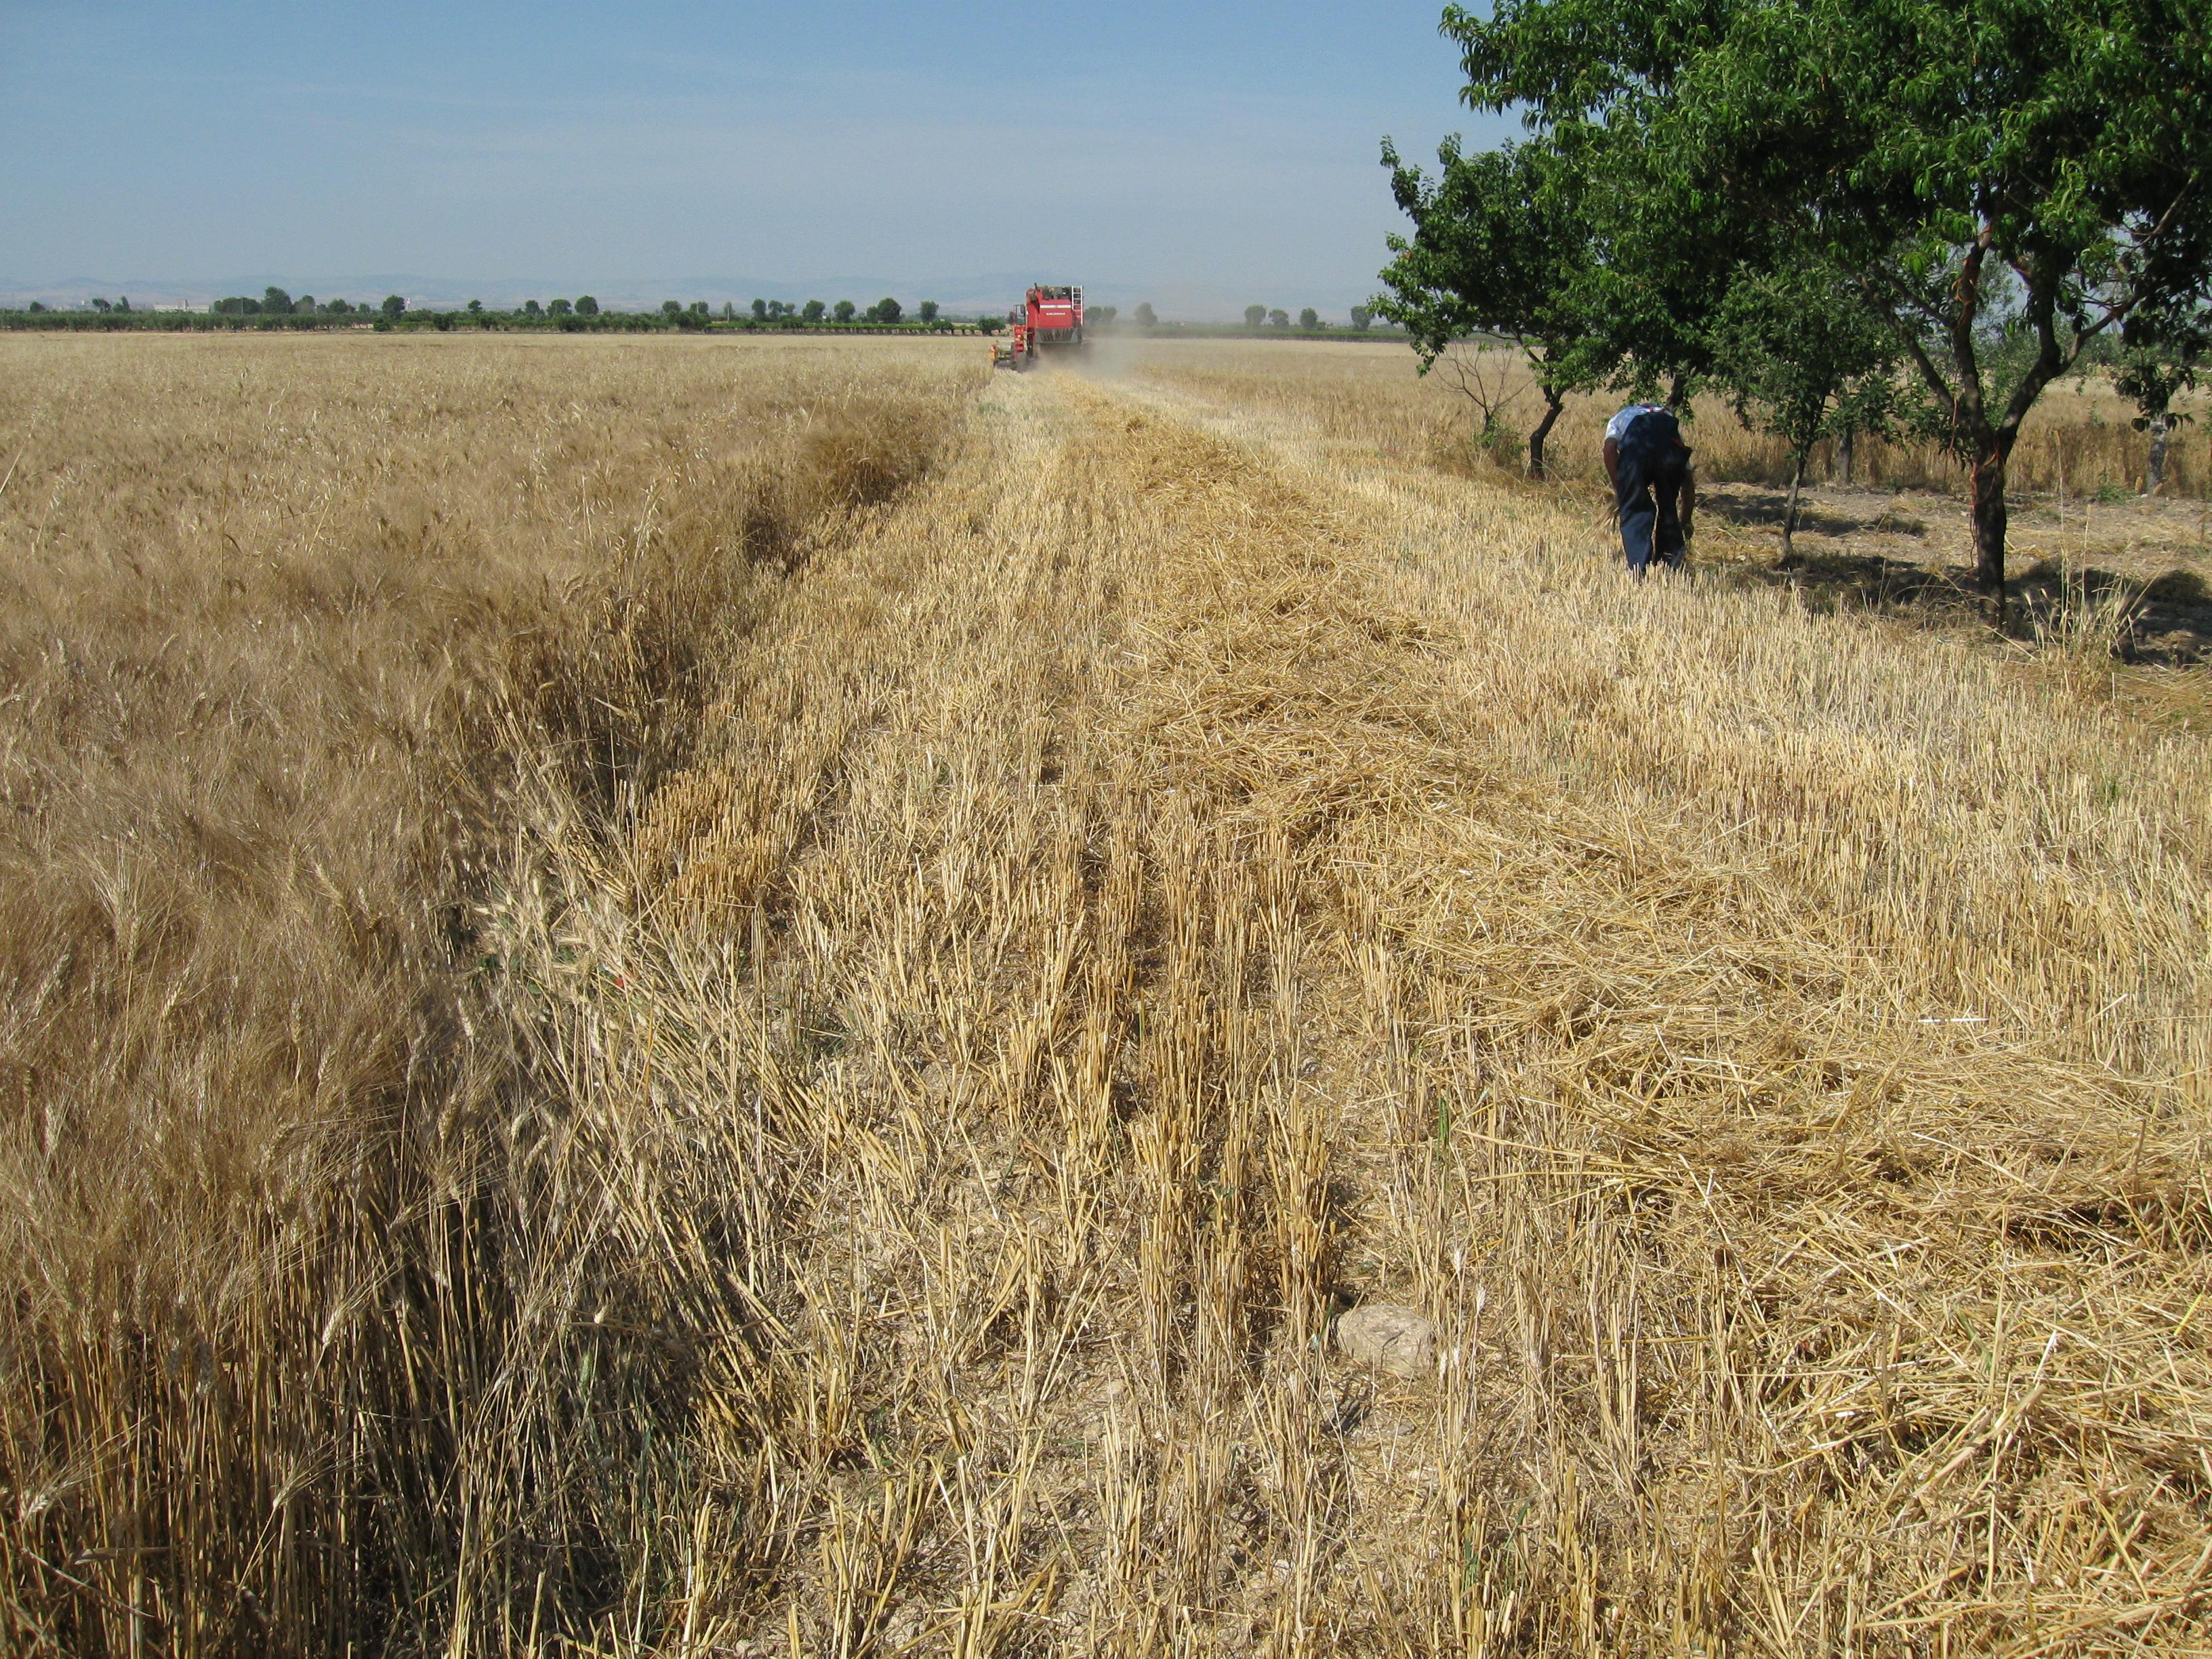 La produzione media nazionale di frumento nel decennio 1861-1870 si assesta a quasi 4 milioni di tonnellate. Al 2012 in Italia, il frumento tenero rende in media 5 tonnellate su ettaro, contro le 3 tonnellate per ettaro del frumento duro.